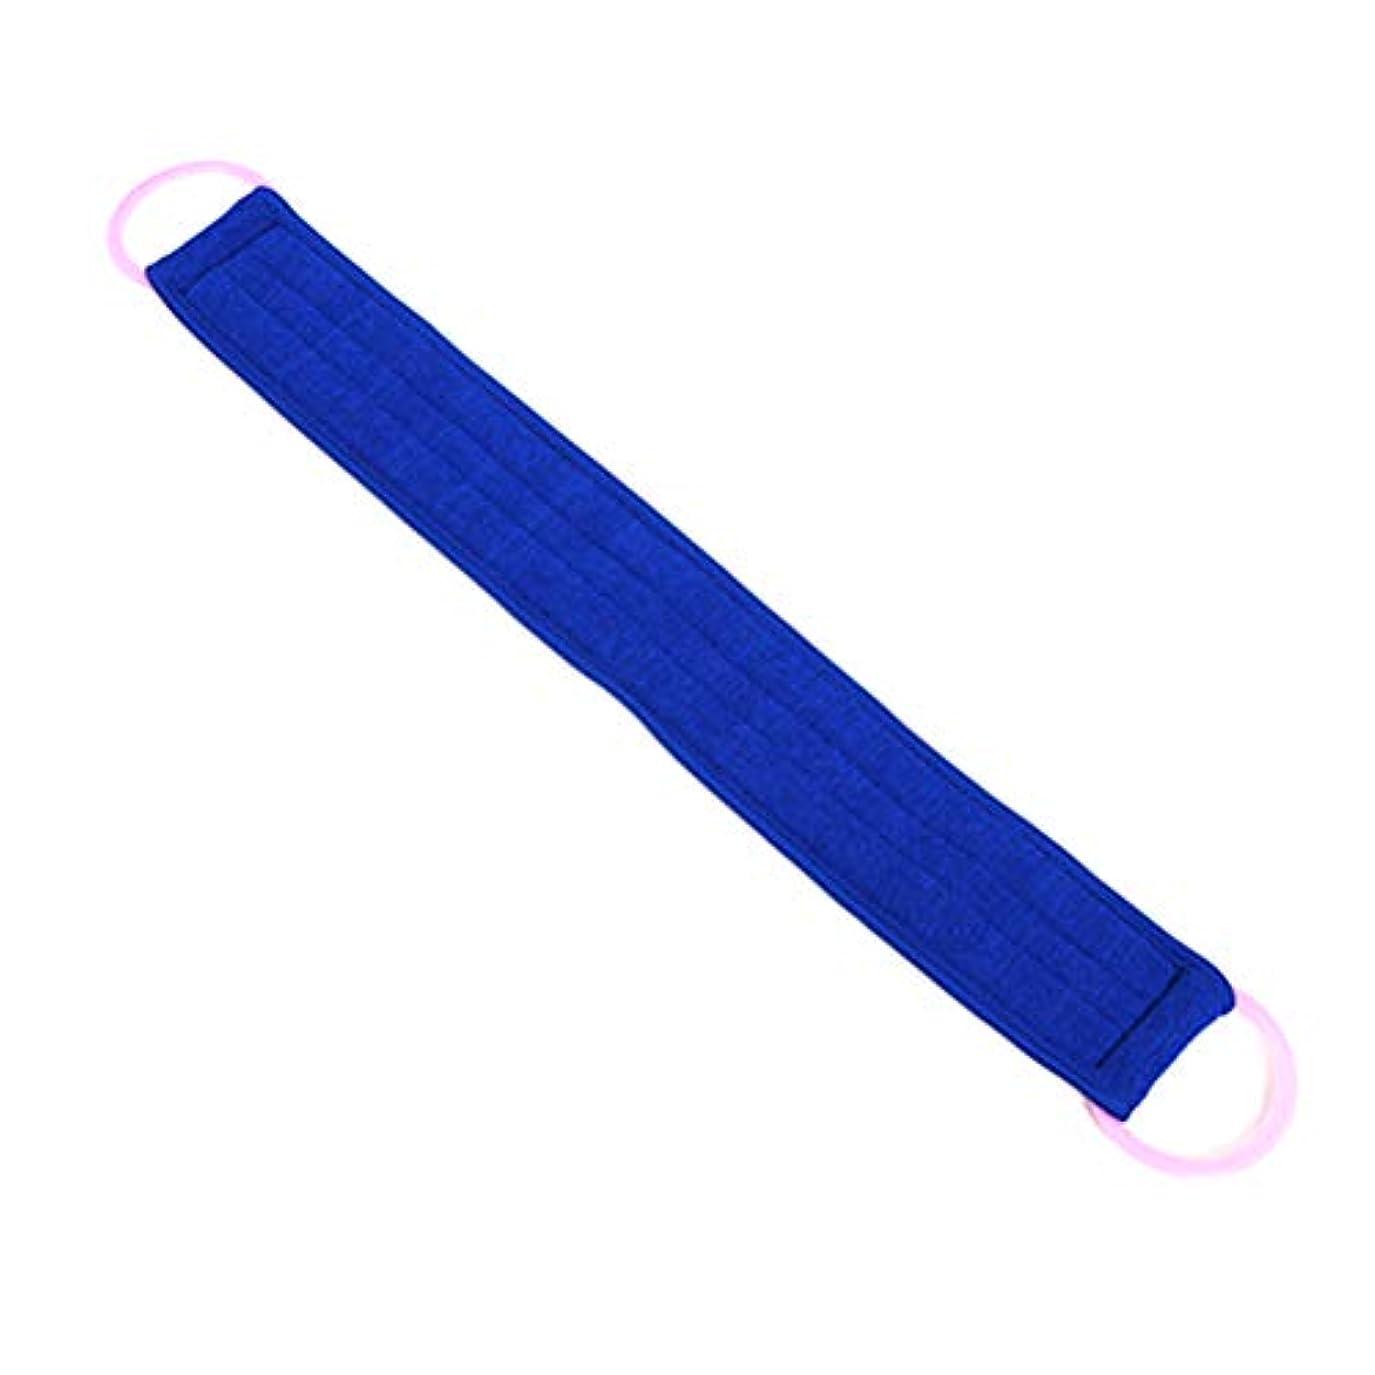 許容子供達練るLurrose バスラブブラシエクスフォリエイトプルバックストリップラブバックベルトチョッピングバンドバスタオル(ブルー)